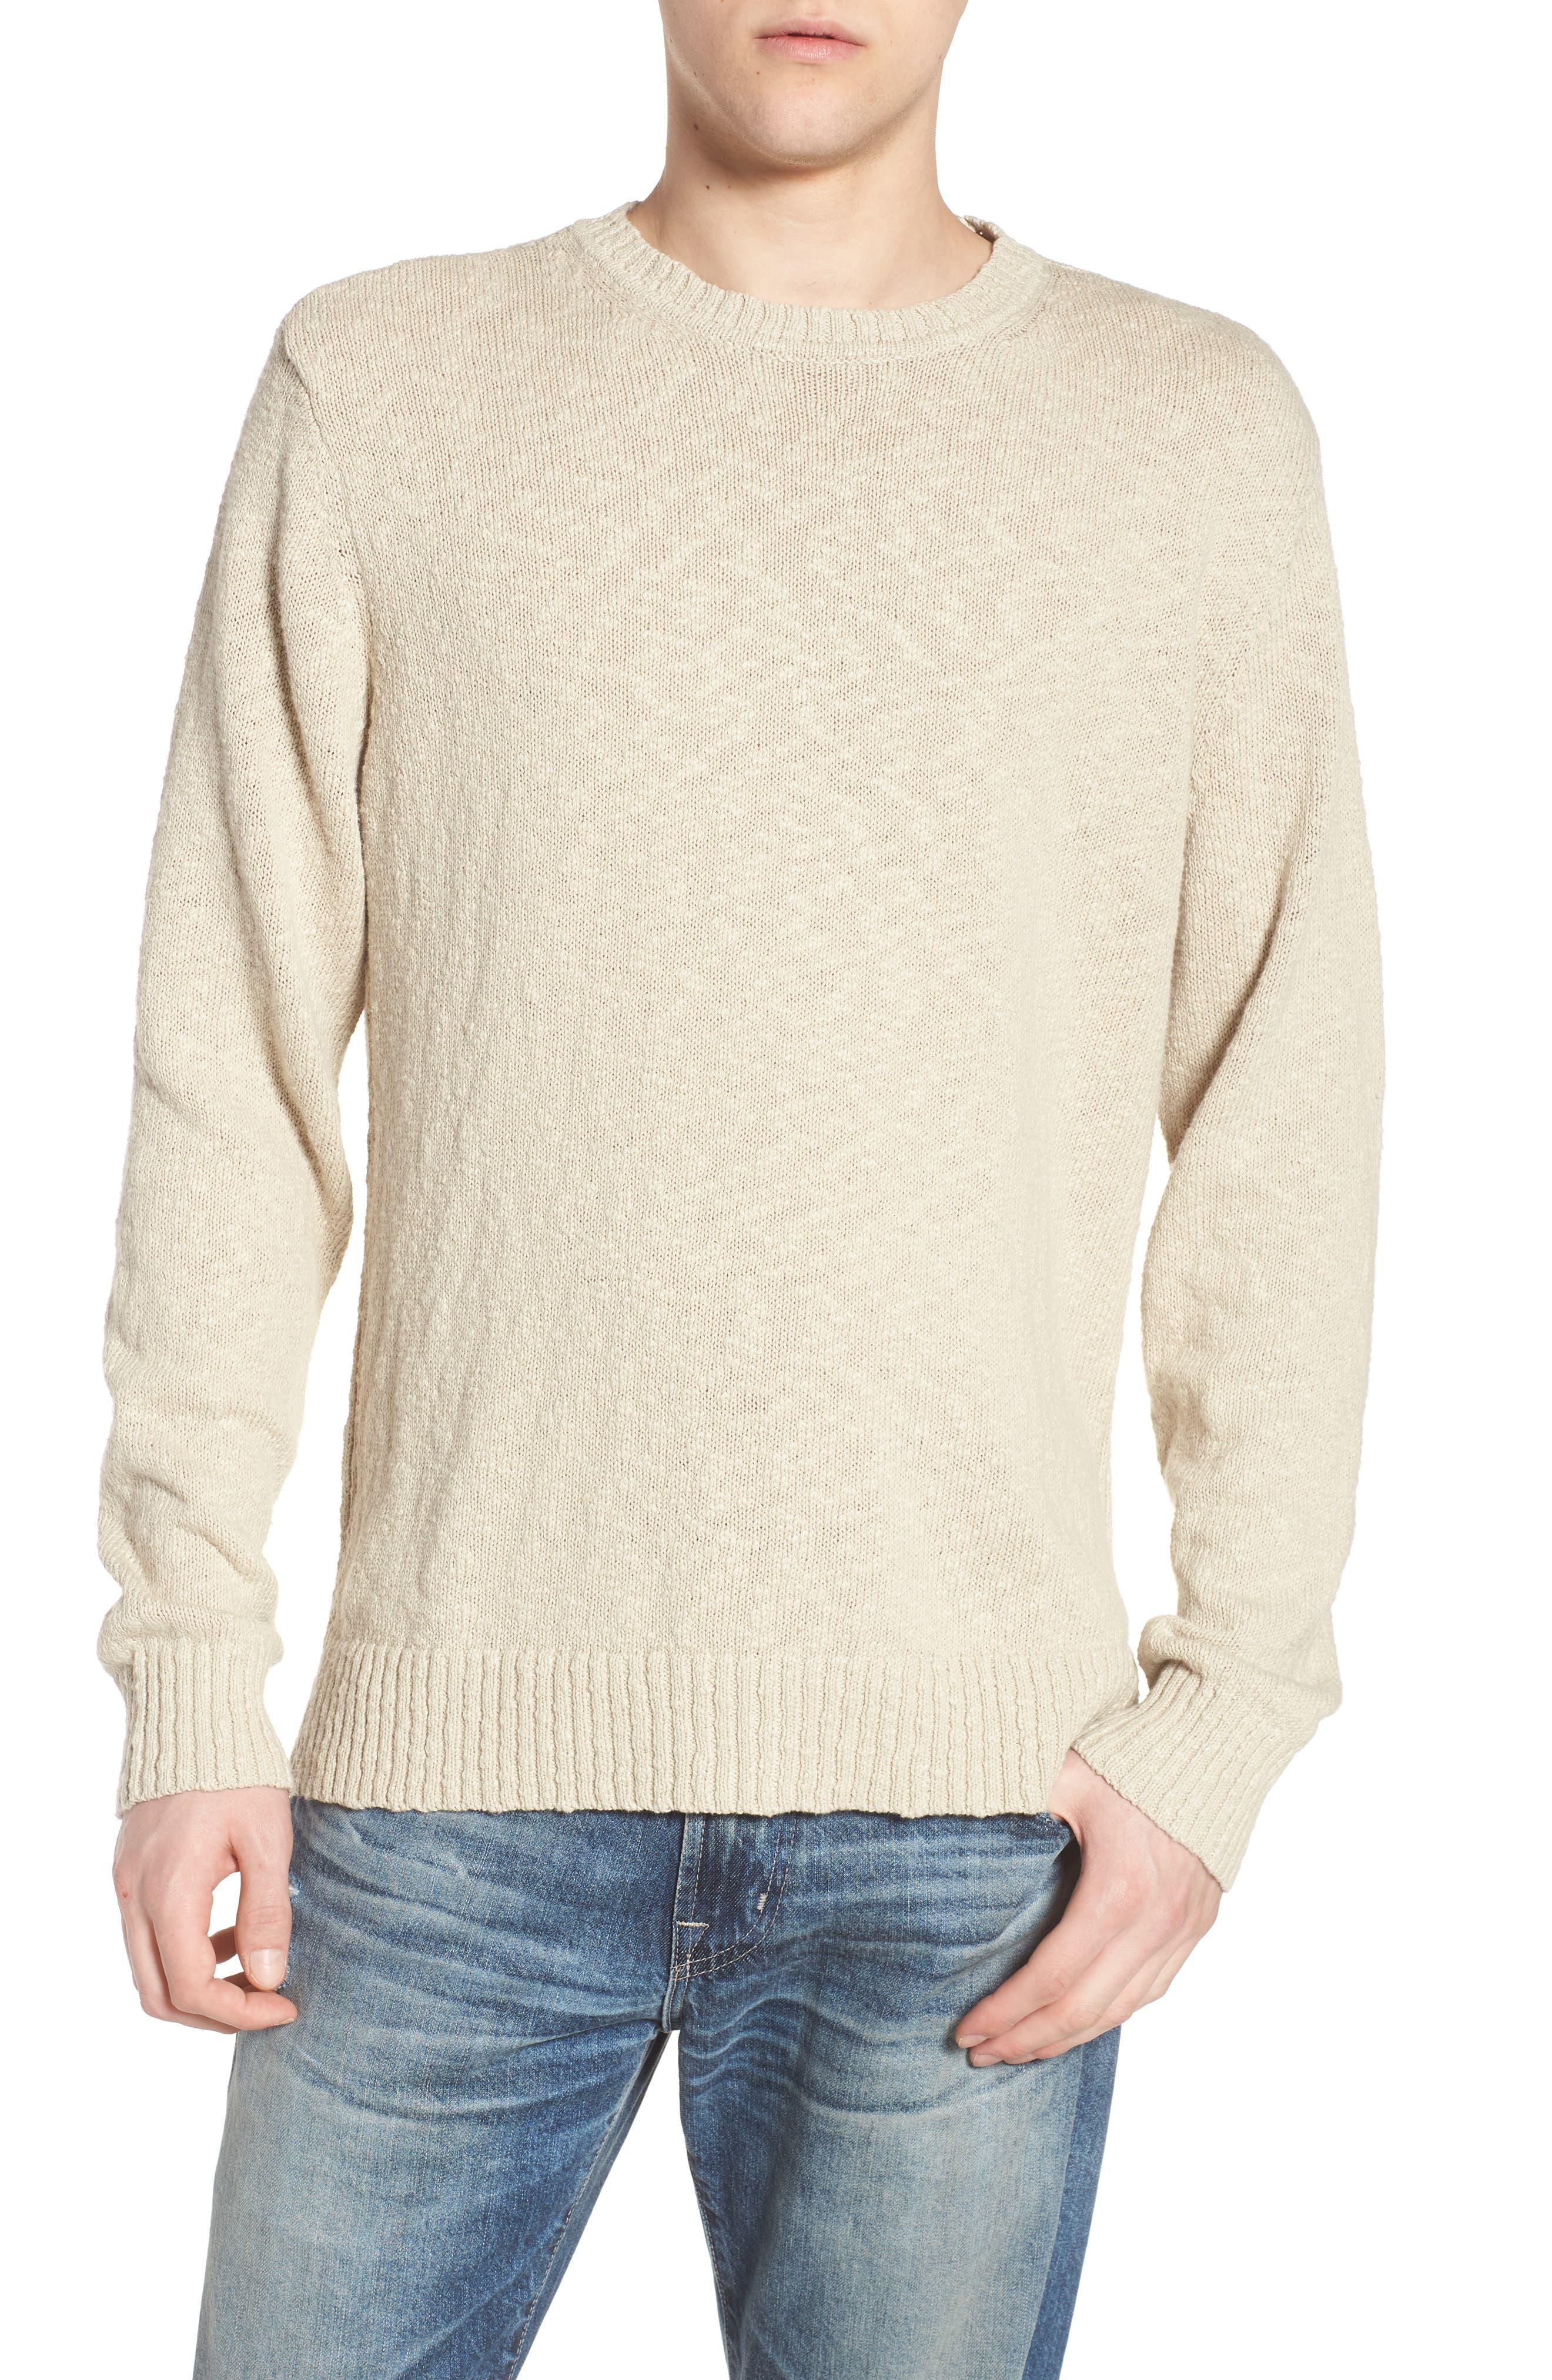 Deklyn Slim Fit Crew Sweater,                             Main thumbnail 1, color,                             250